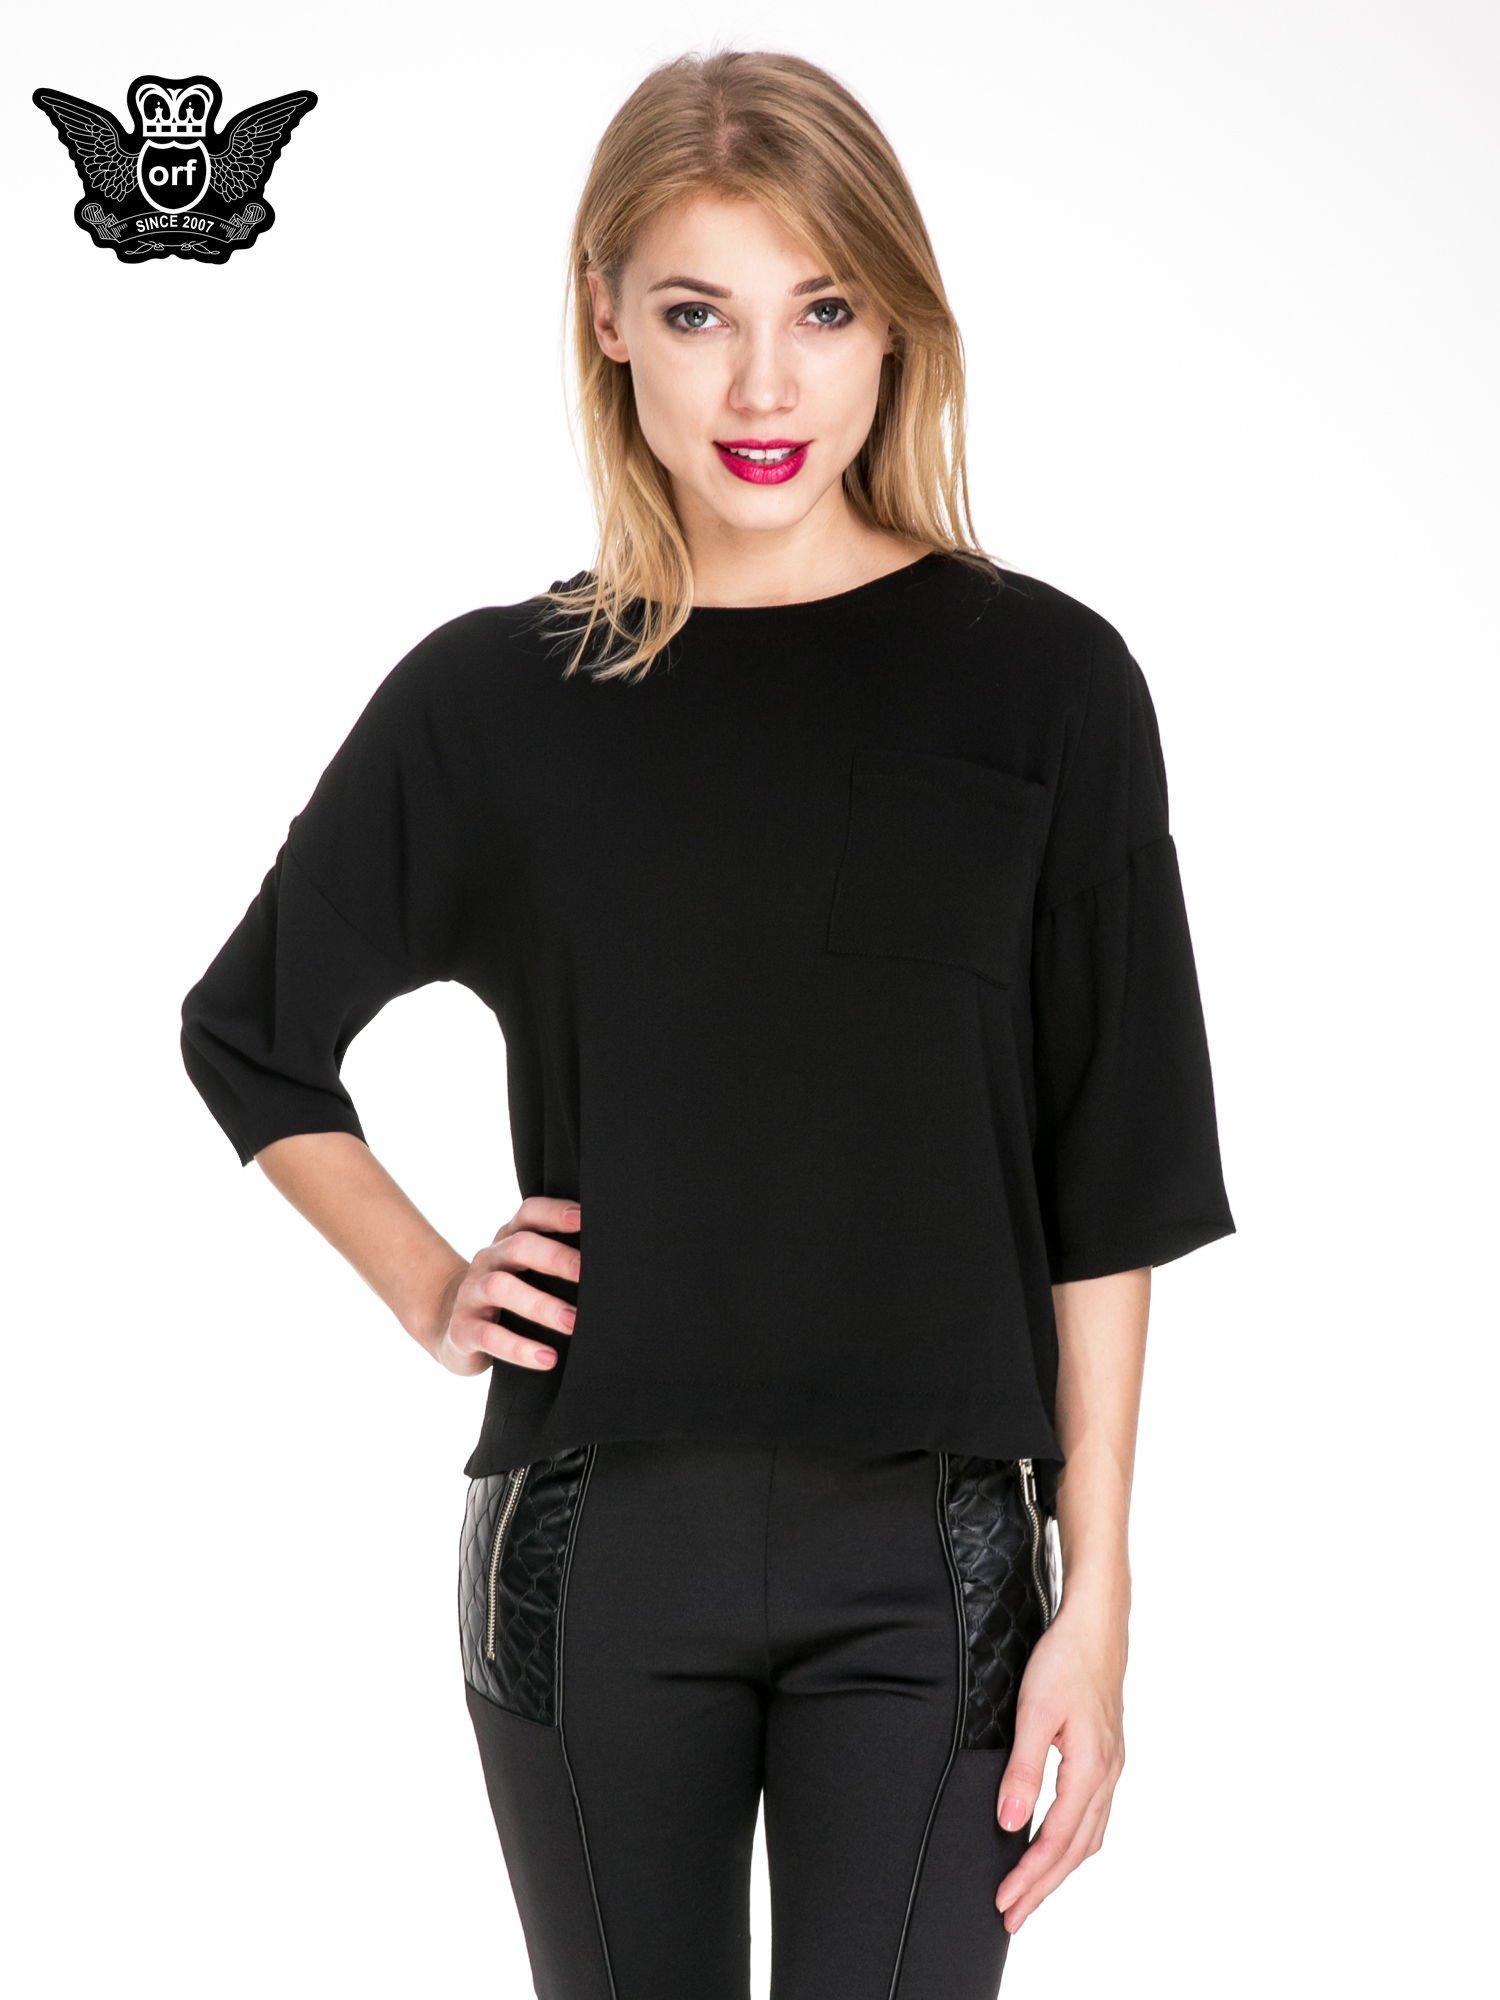 Czarna koszula z obniżoną linią ramion i kieszonką                                  zdj.                                  1